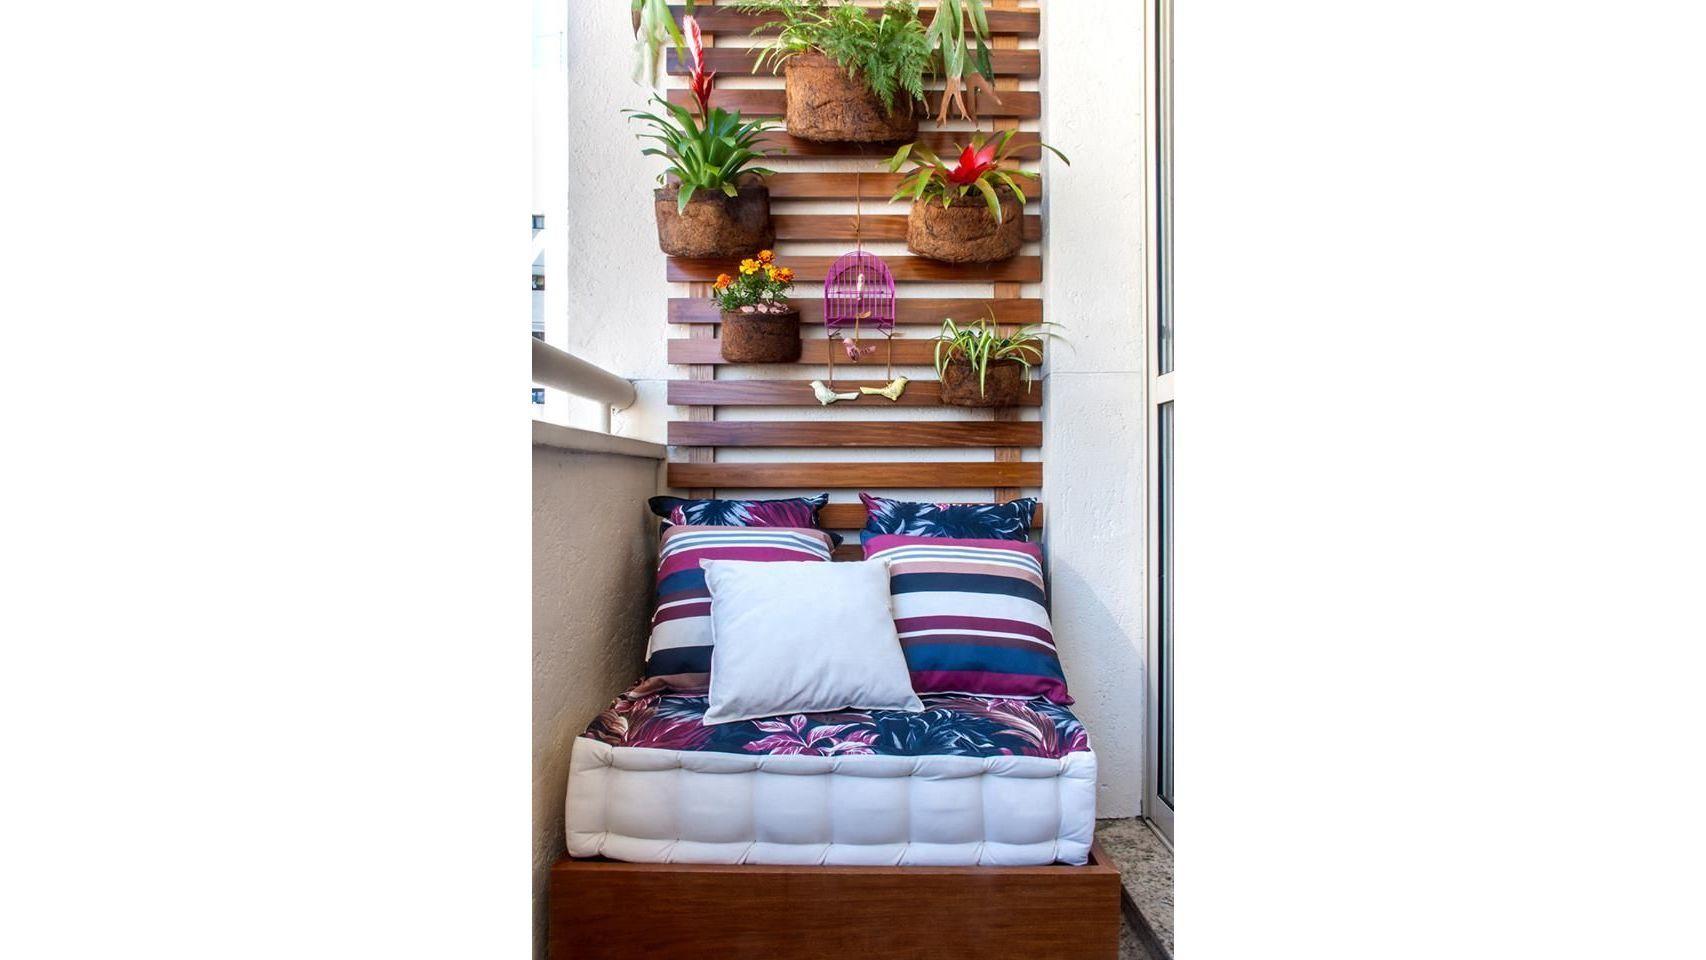 Dale una utilidad a tus paredes utilizando madera para hacer jardines verticales.